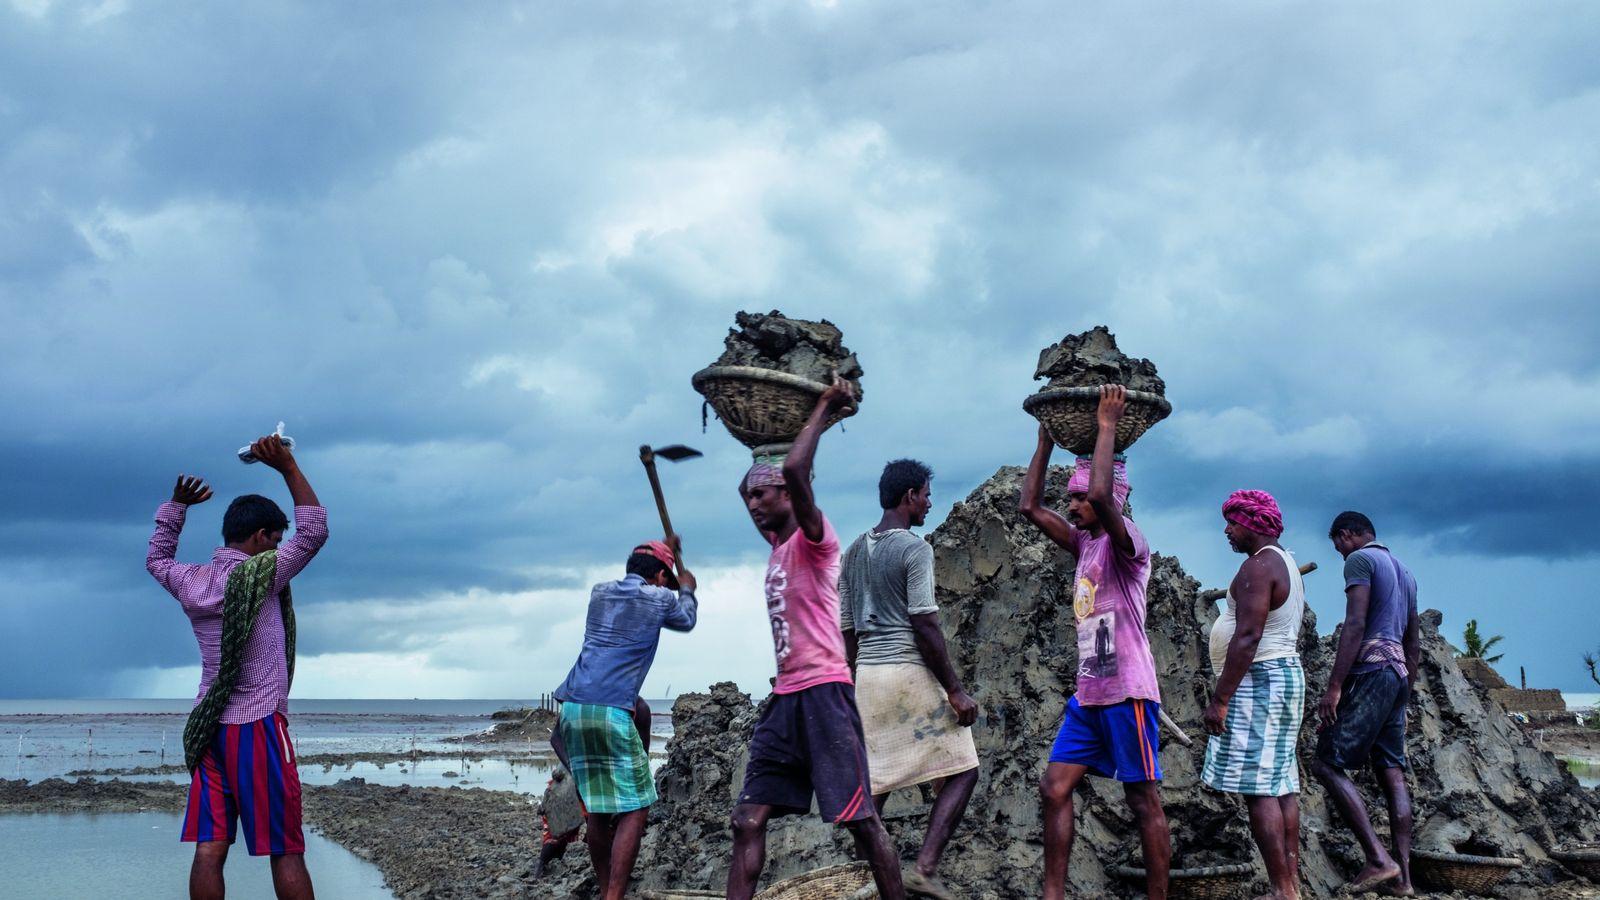 Des ouvriers réparent les digues en terre qui doivent protéger l'île de Sagar des inondations.